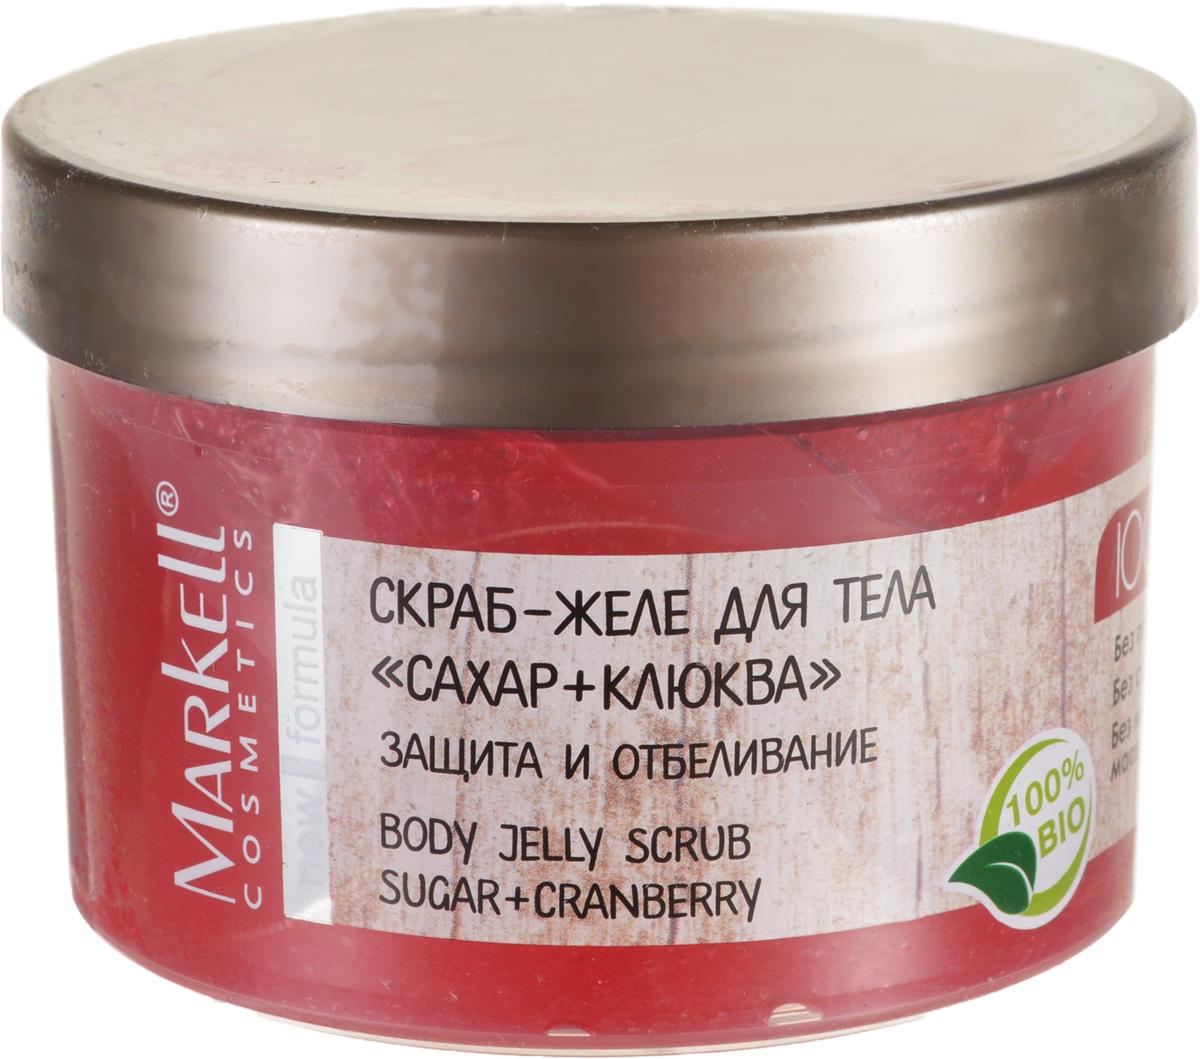 Markell Natural Line Скраб-желе для тела САХАР+КЛЮКВА, 280 г12366Нежный тающий скраб-желе для тела делает процедуру очищения незабываемой. Смягчает, тонизирует, повышает сопротивляемость кожи, наполняет ее витаминами и микроэлементами, способствует восстановлению сухой и раздраженной кожи. Сахар обеспечит мягкий скрабирующий эффект, растворяясь у Вас под руками. Ощутите непревзойденную гладкость Вашей кожи!